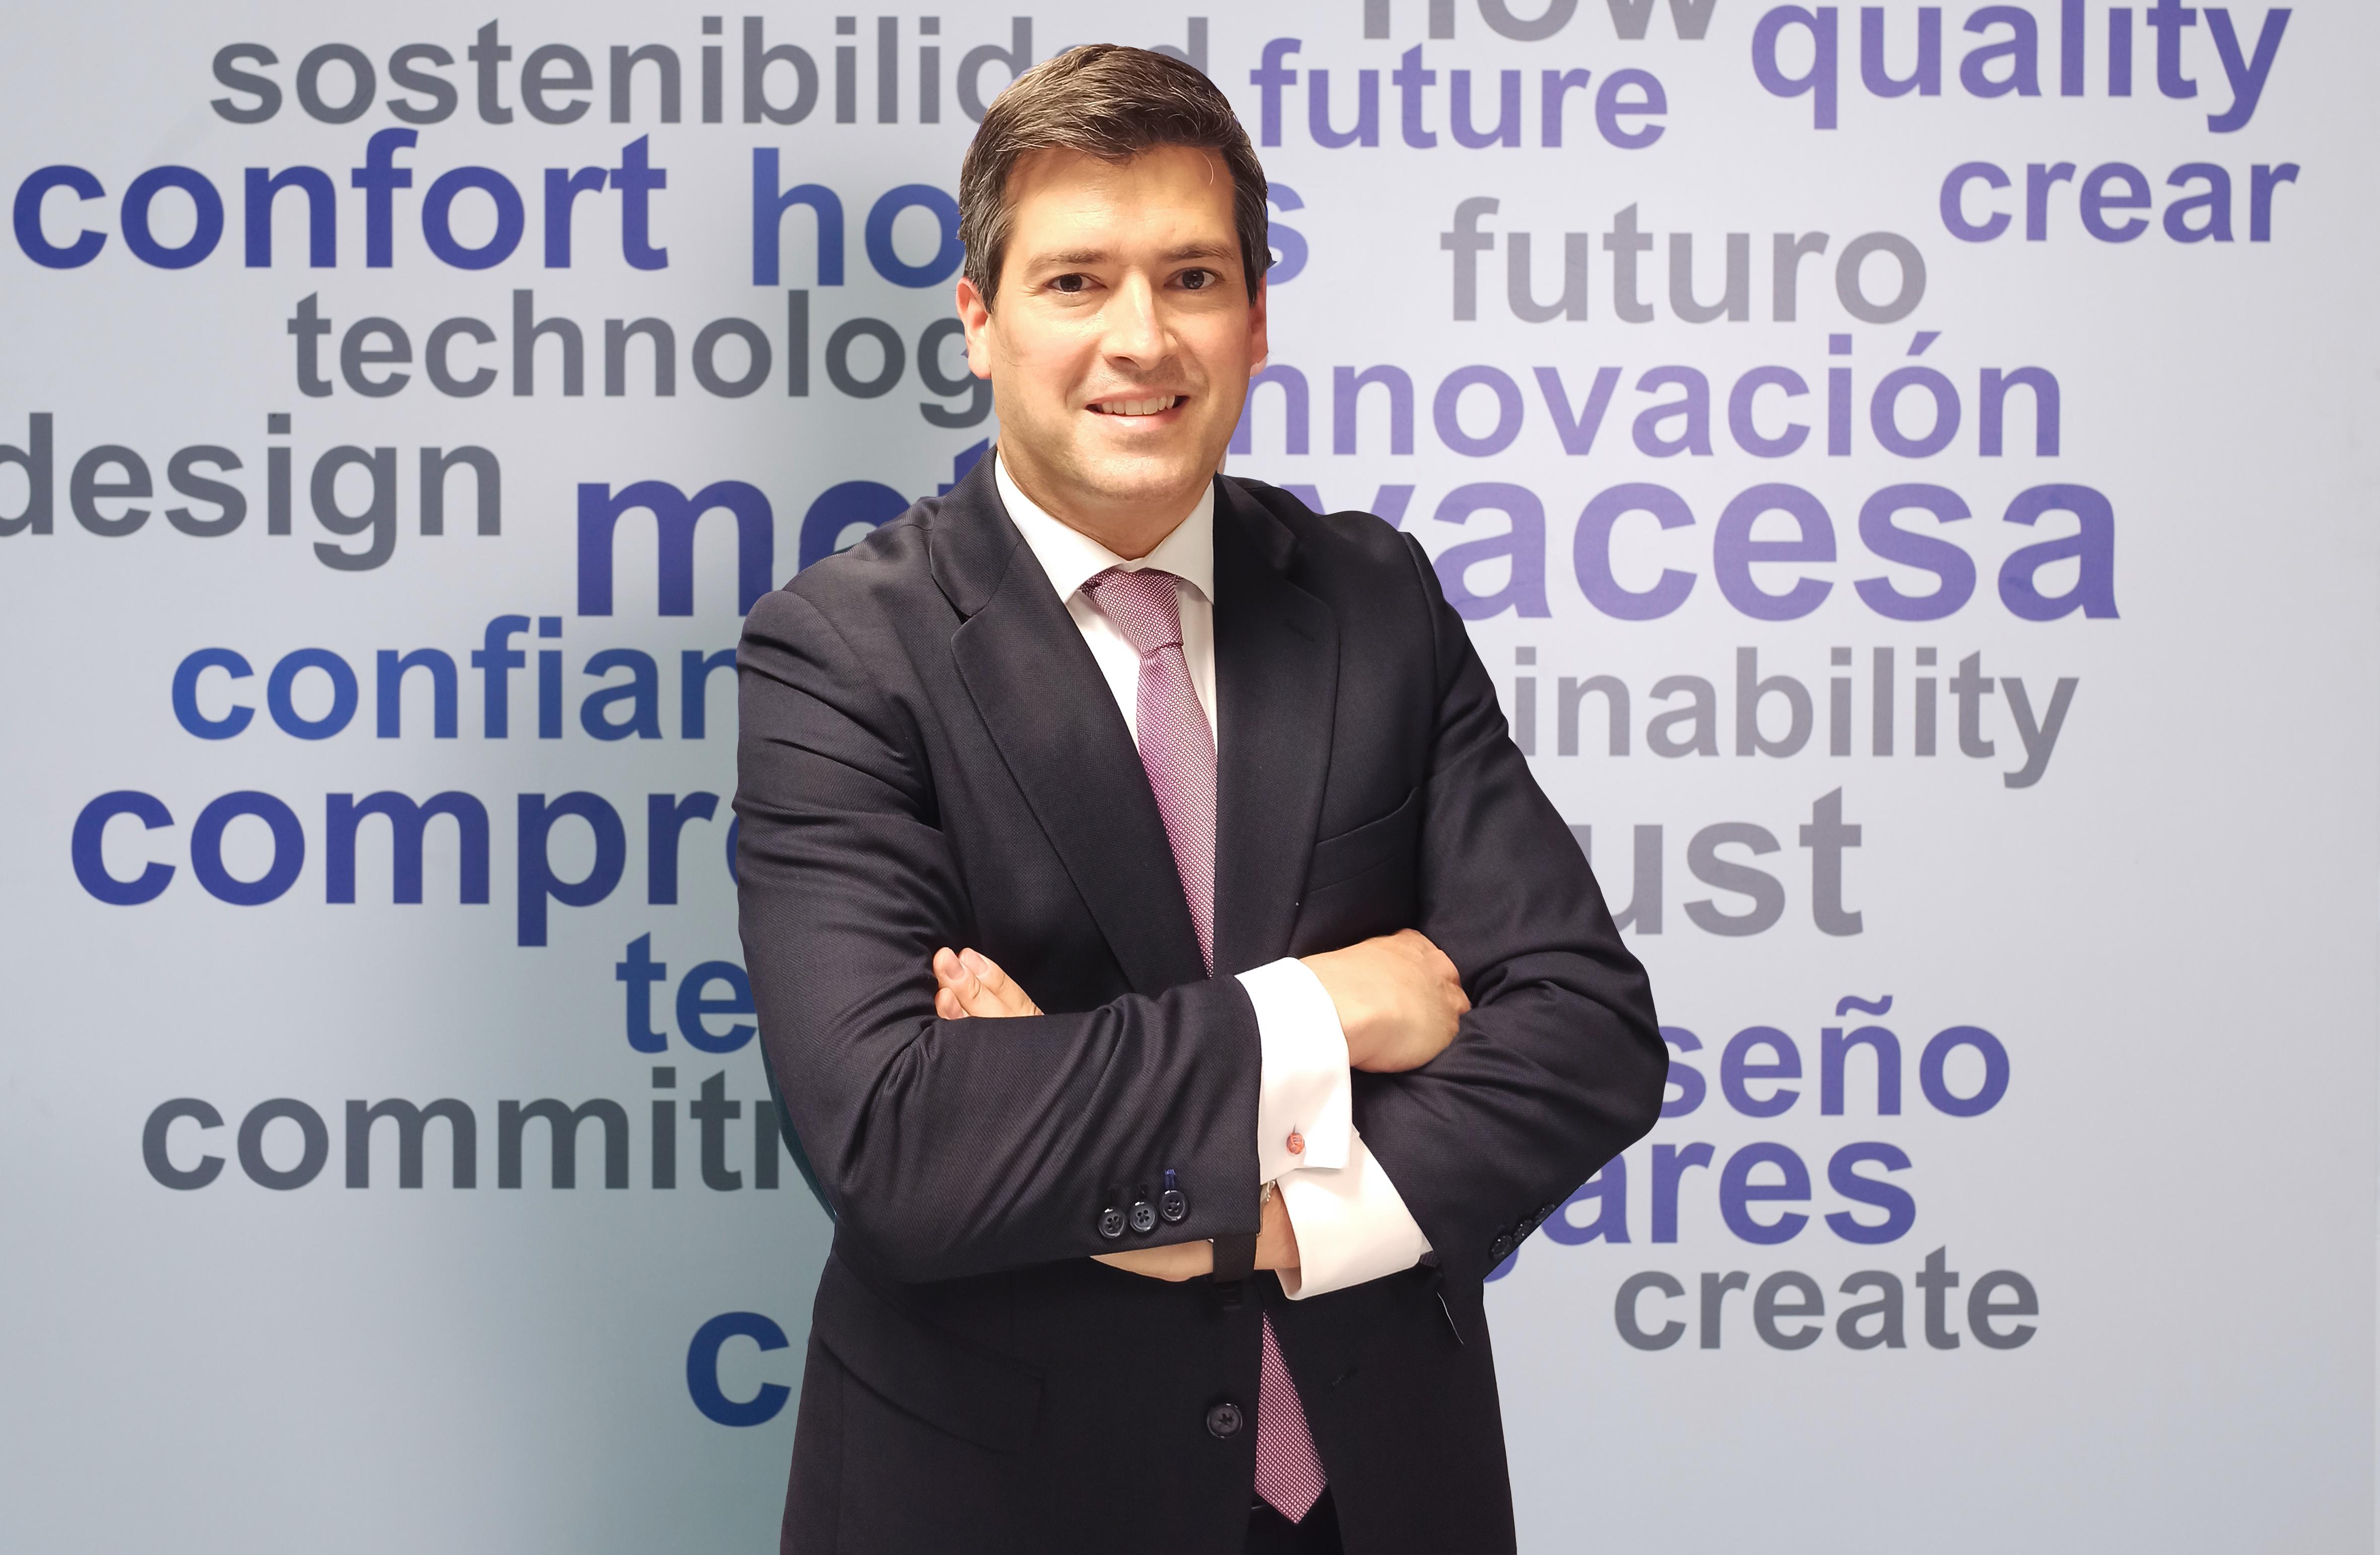 Foto: Eduardo Carreño